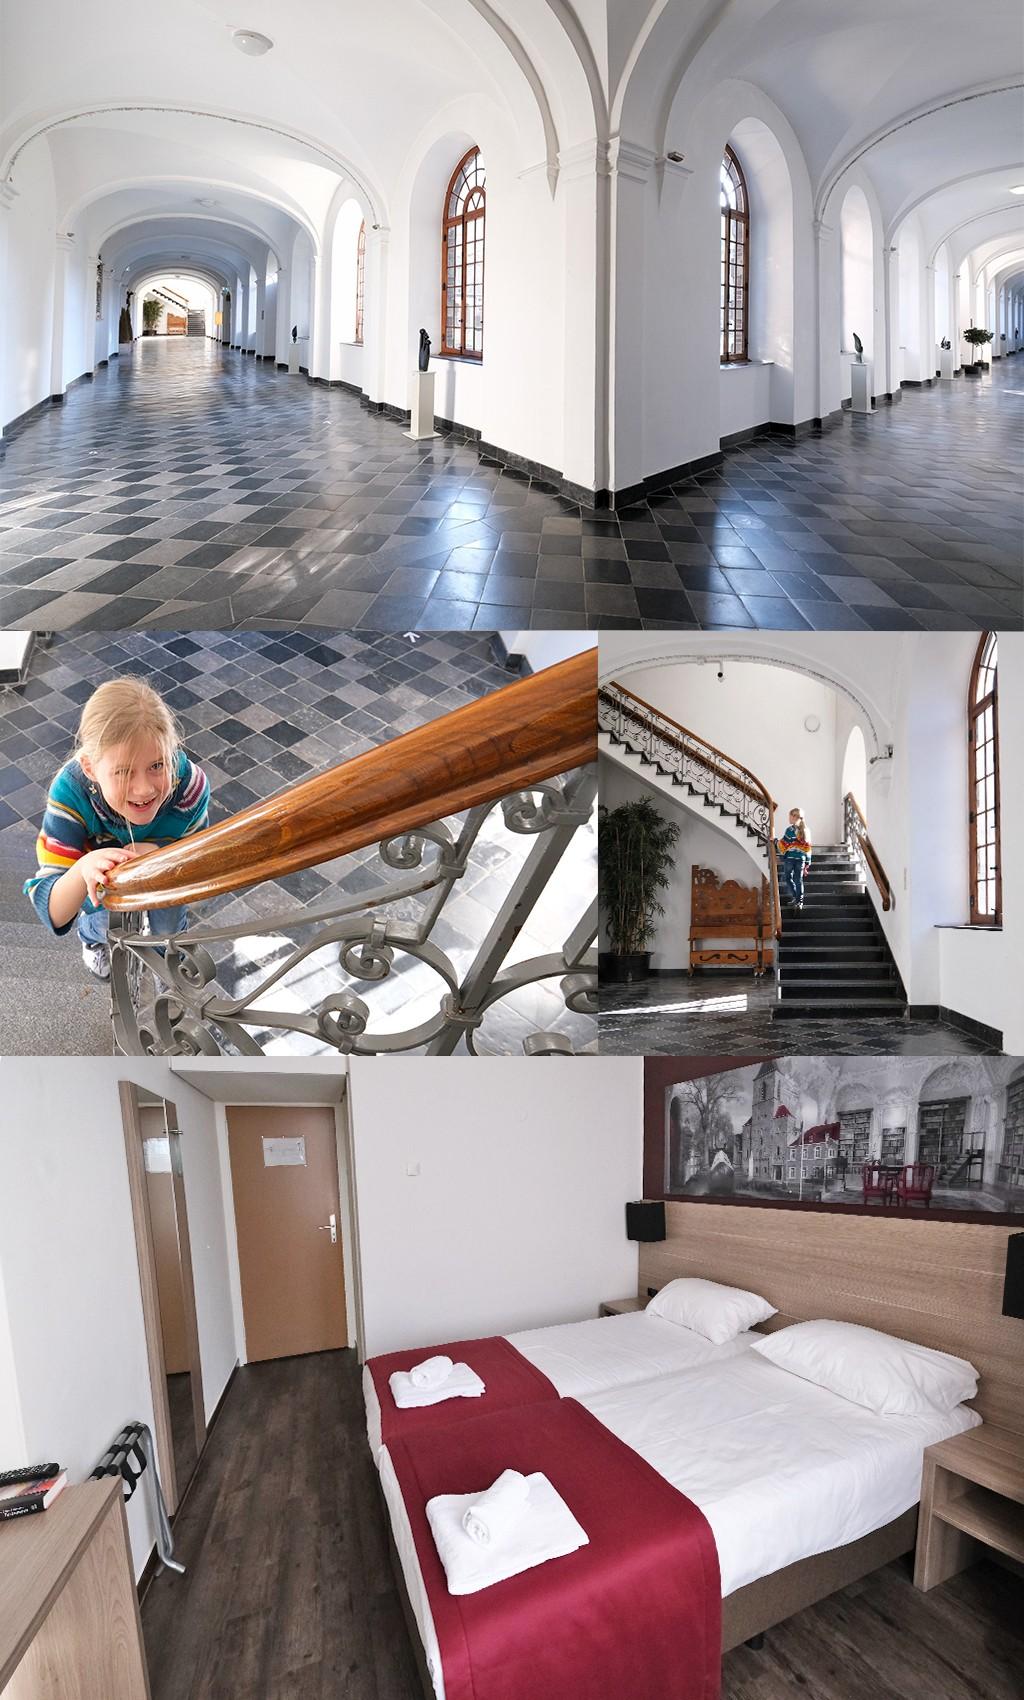 interieur en kamer Abdij Rolduc